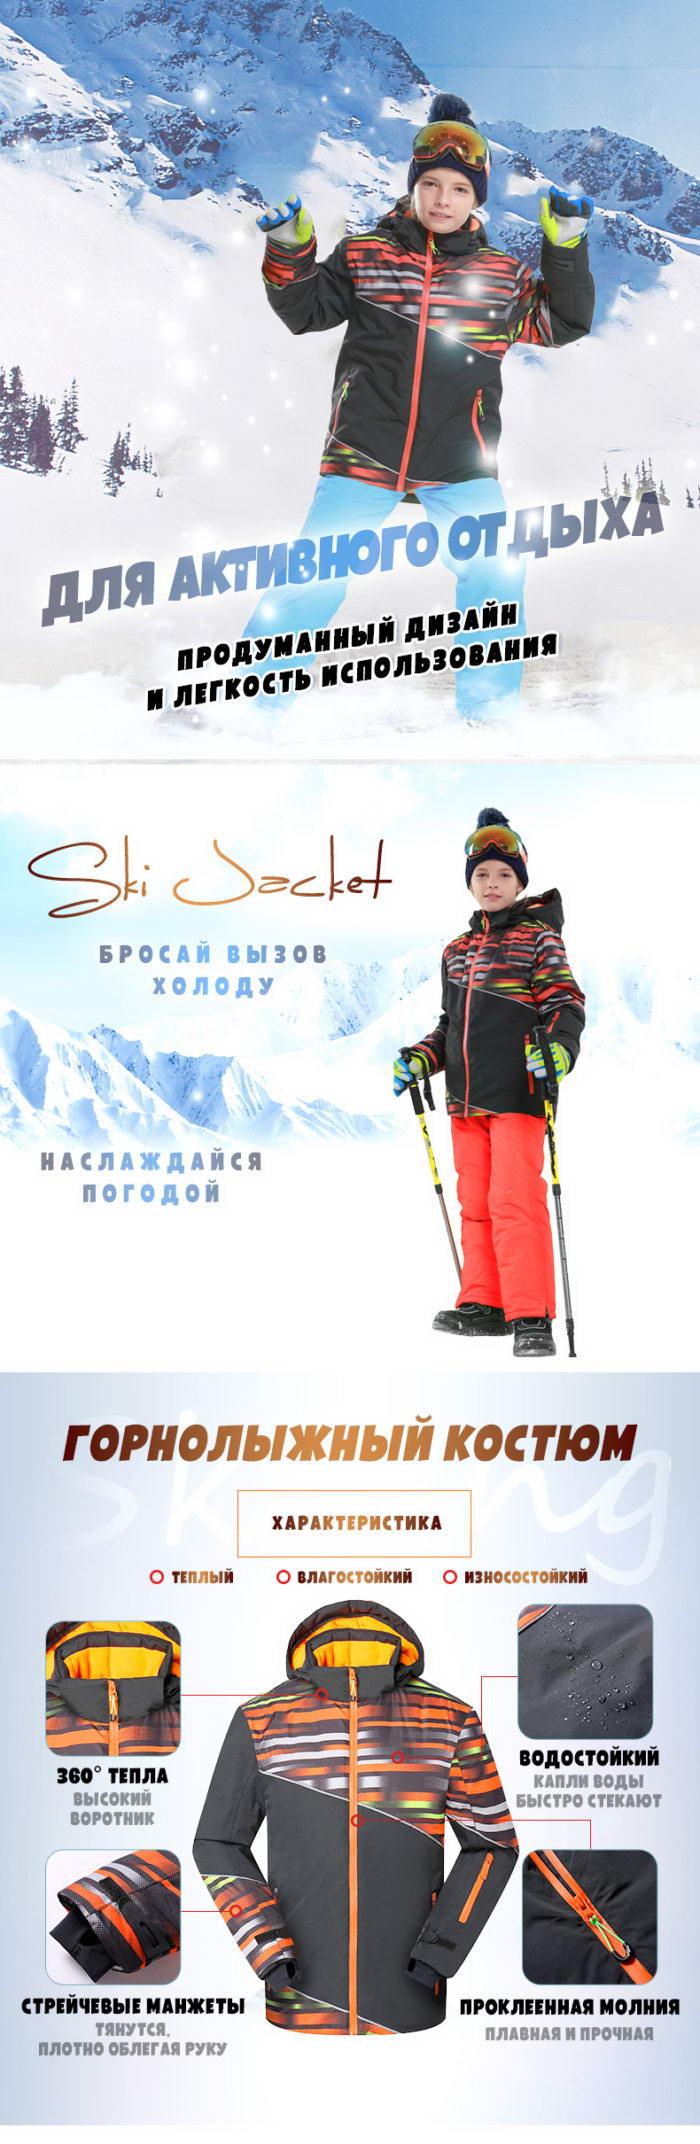 Купить детский горнолыжный костюм